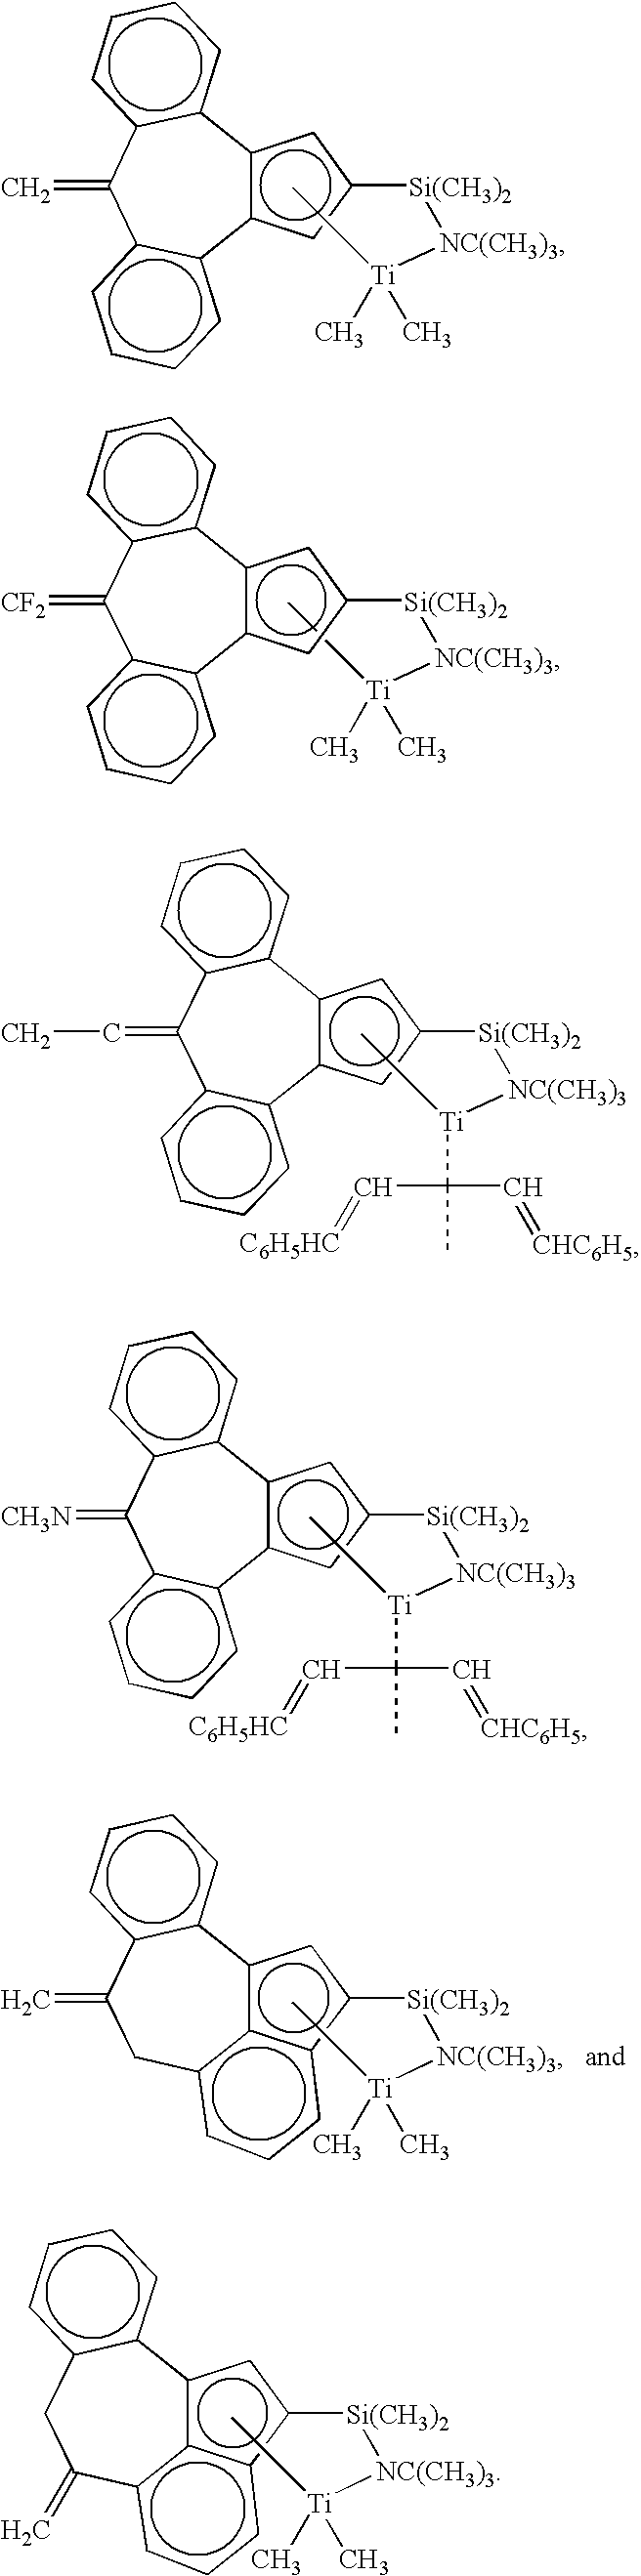 Figure US20080262175A1-20081023-C00011